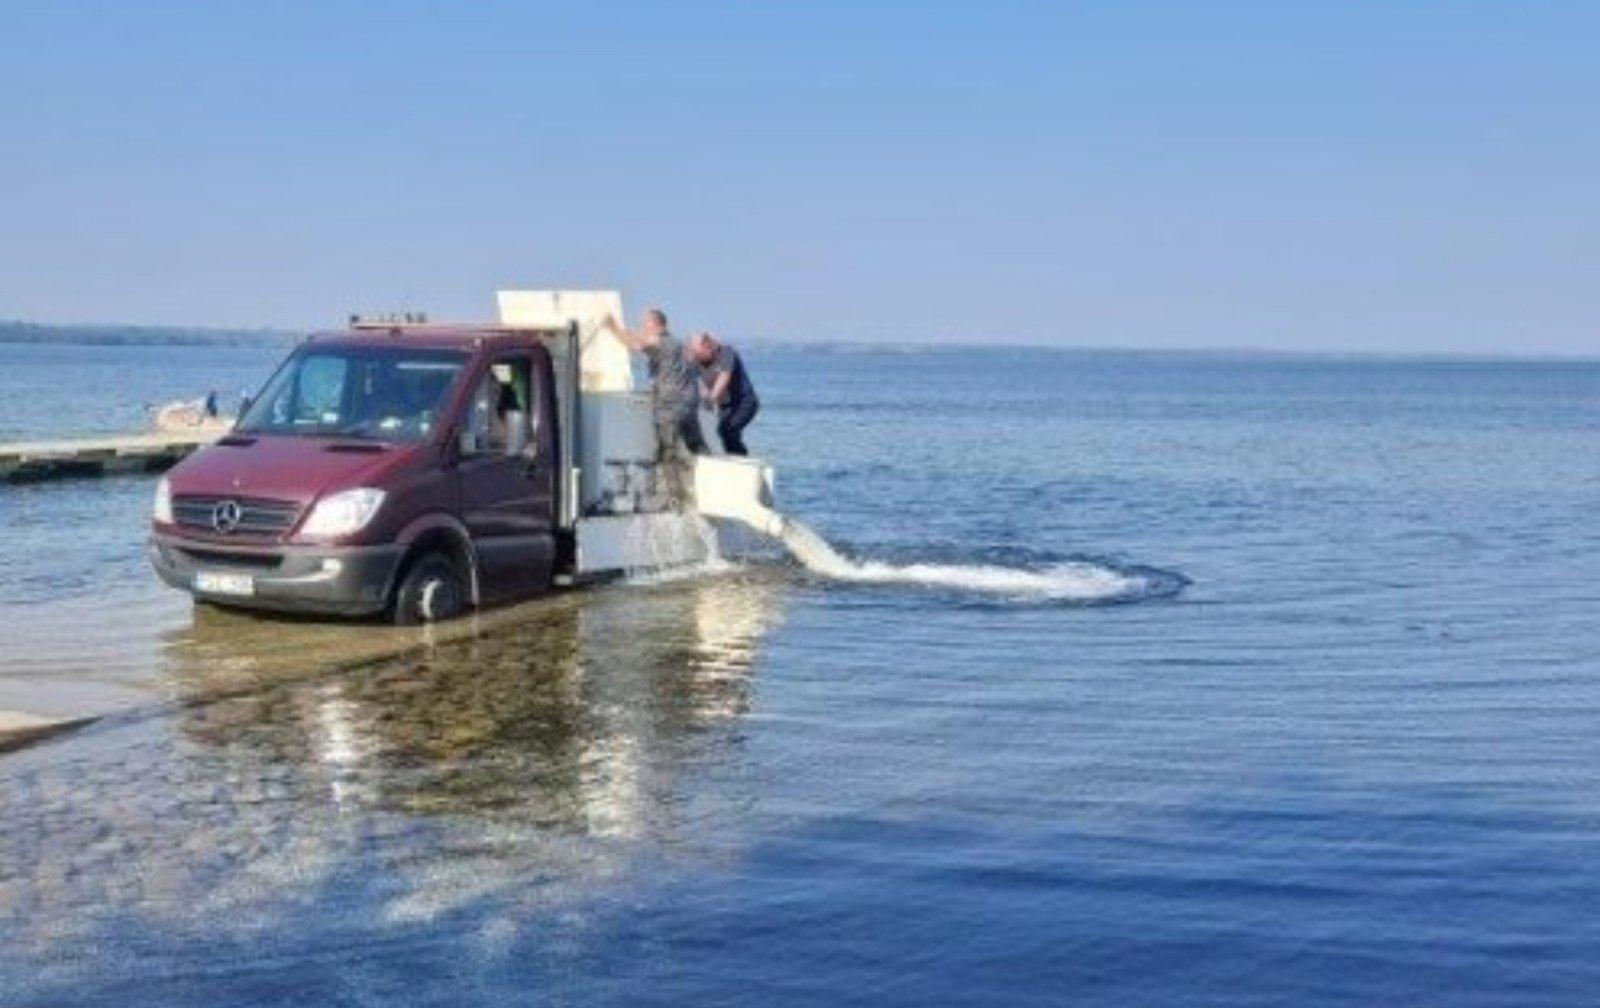 Žuvinami Lazdijų krašto ežerai: į juos išleista daugiau kaip 10 tūkst. šių metų lydekaičių